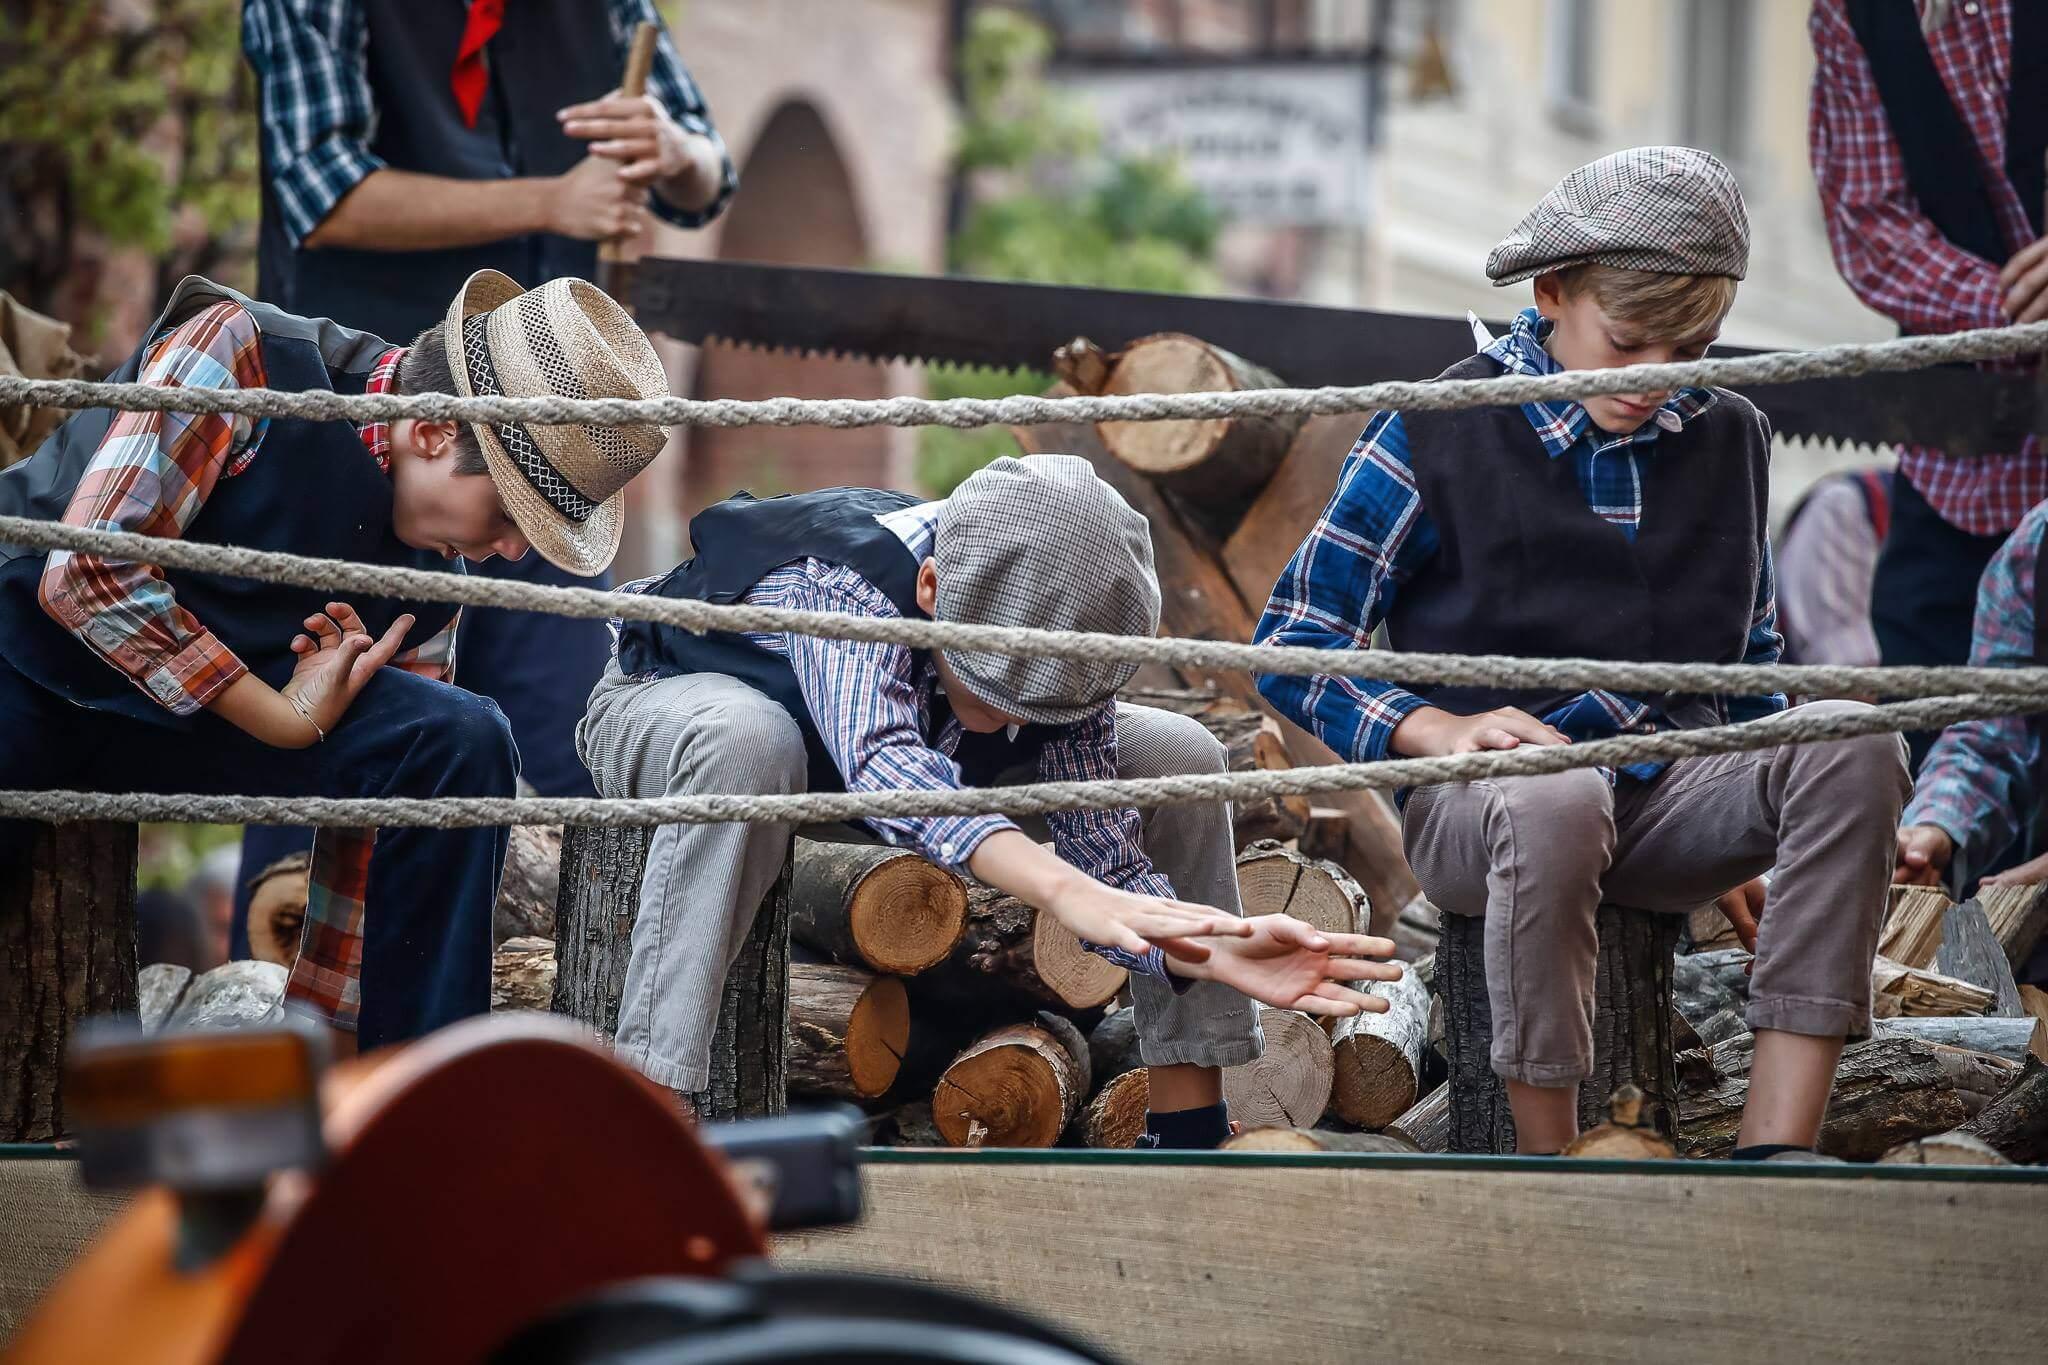 Carro sfilata festival delle sagre sfilata storica